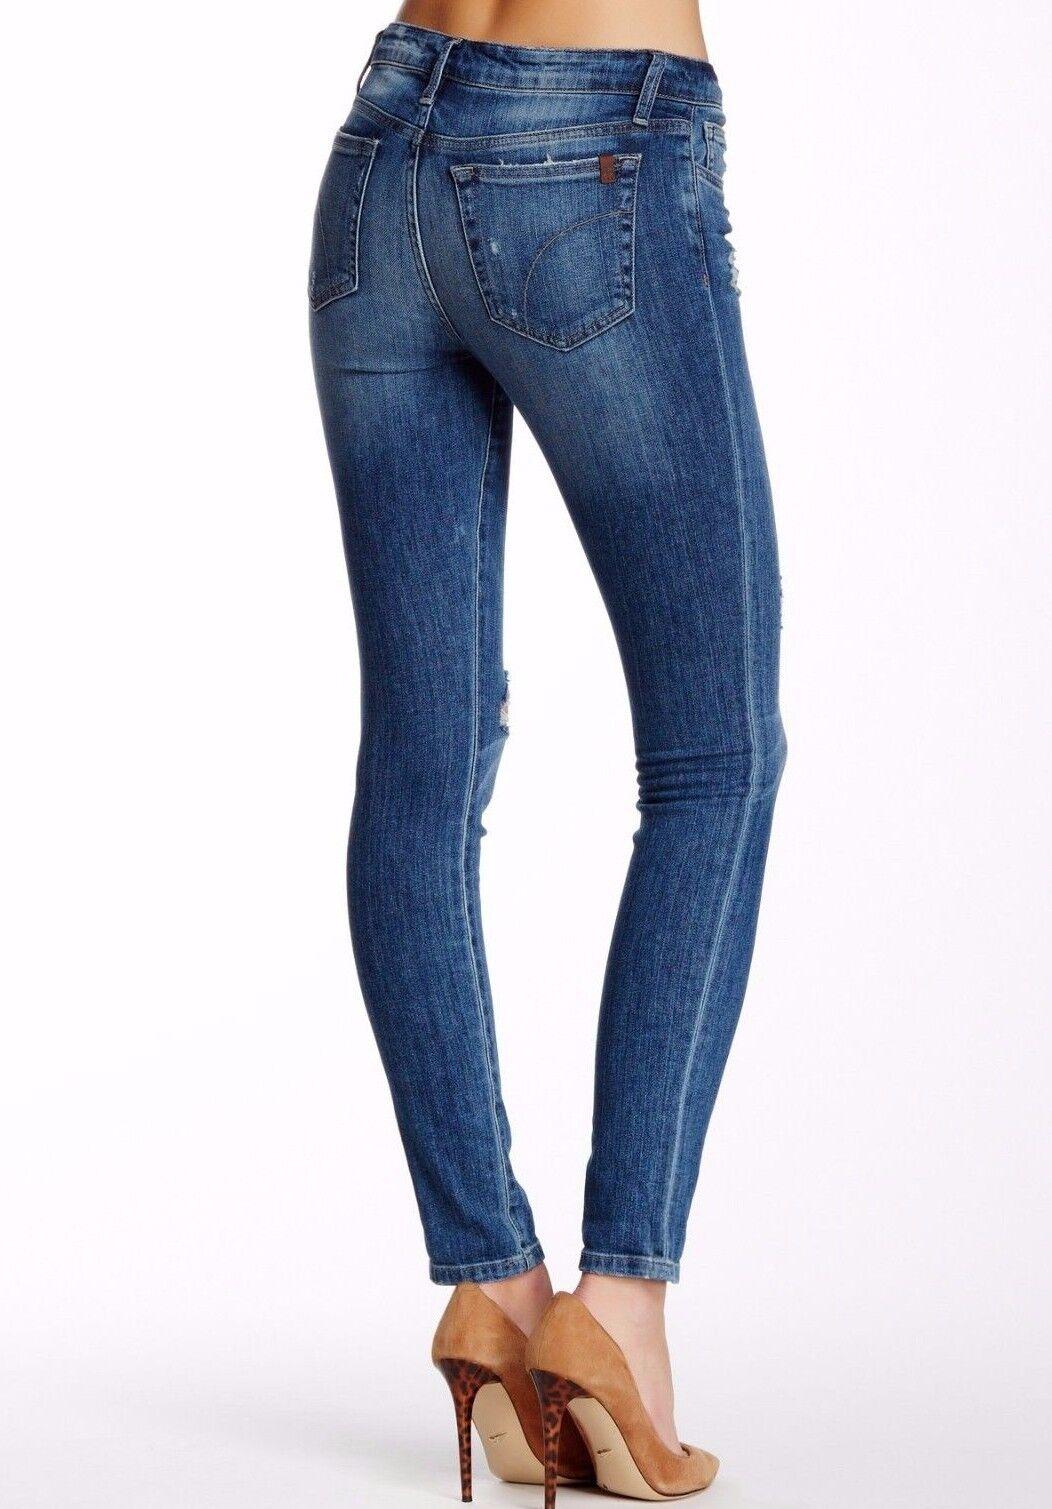 Nuova con Etichetta JOE'S Sz24 The Skinny Rolled Caviglia Midrise Midrise Midrise Jeans Stretch 5a8e0f